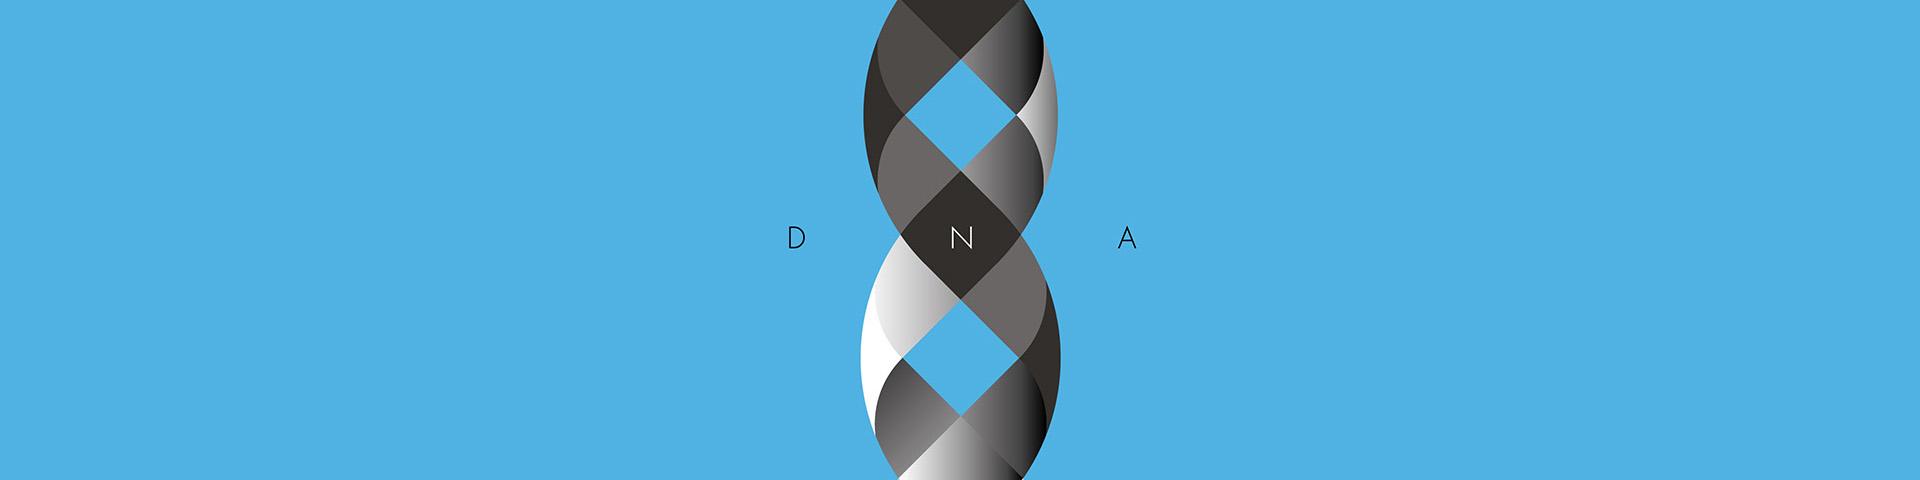 Copertina-DNA-1920×480 (sito MO)